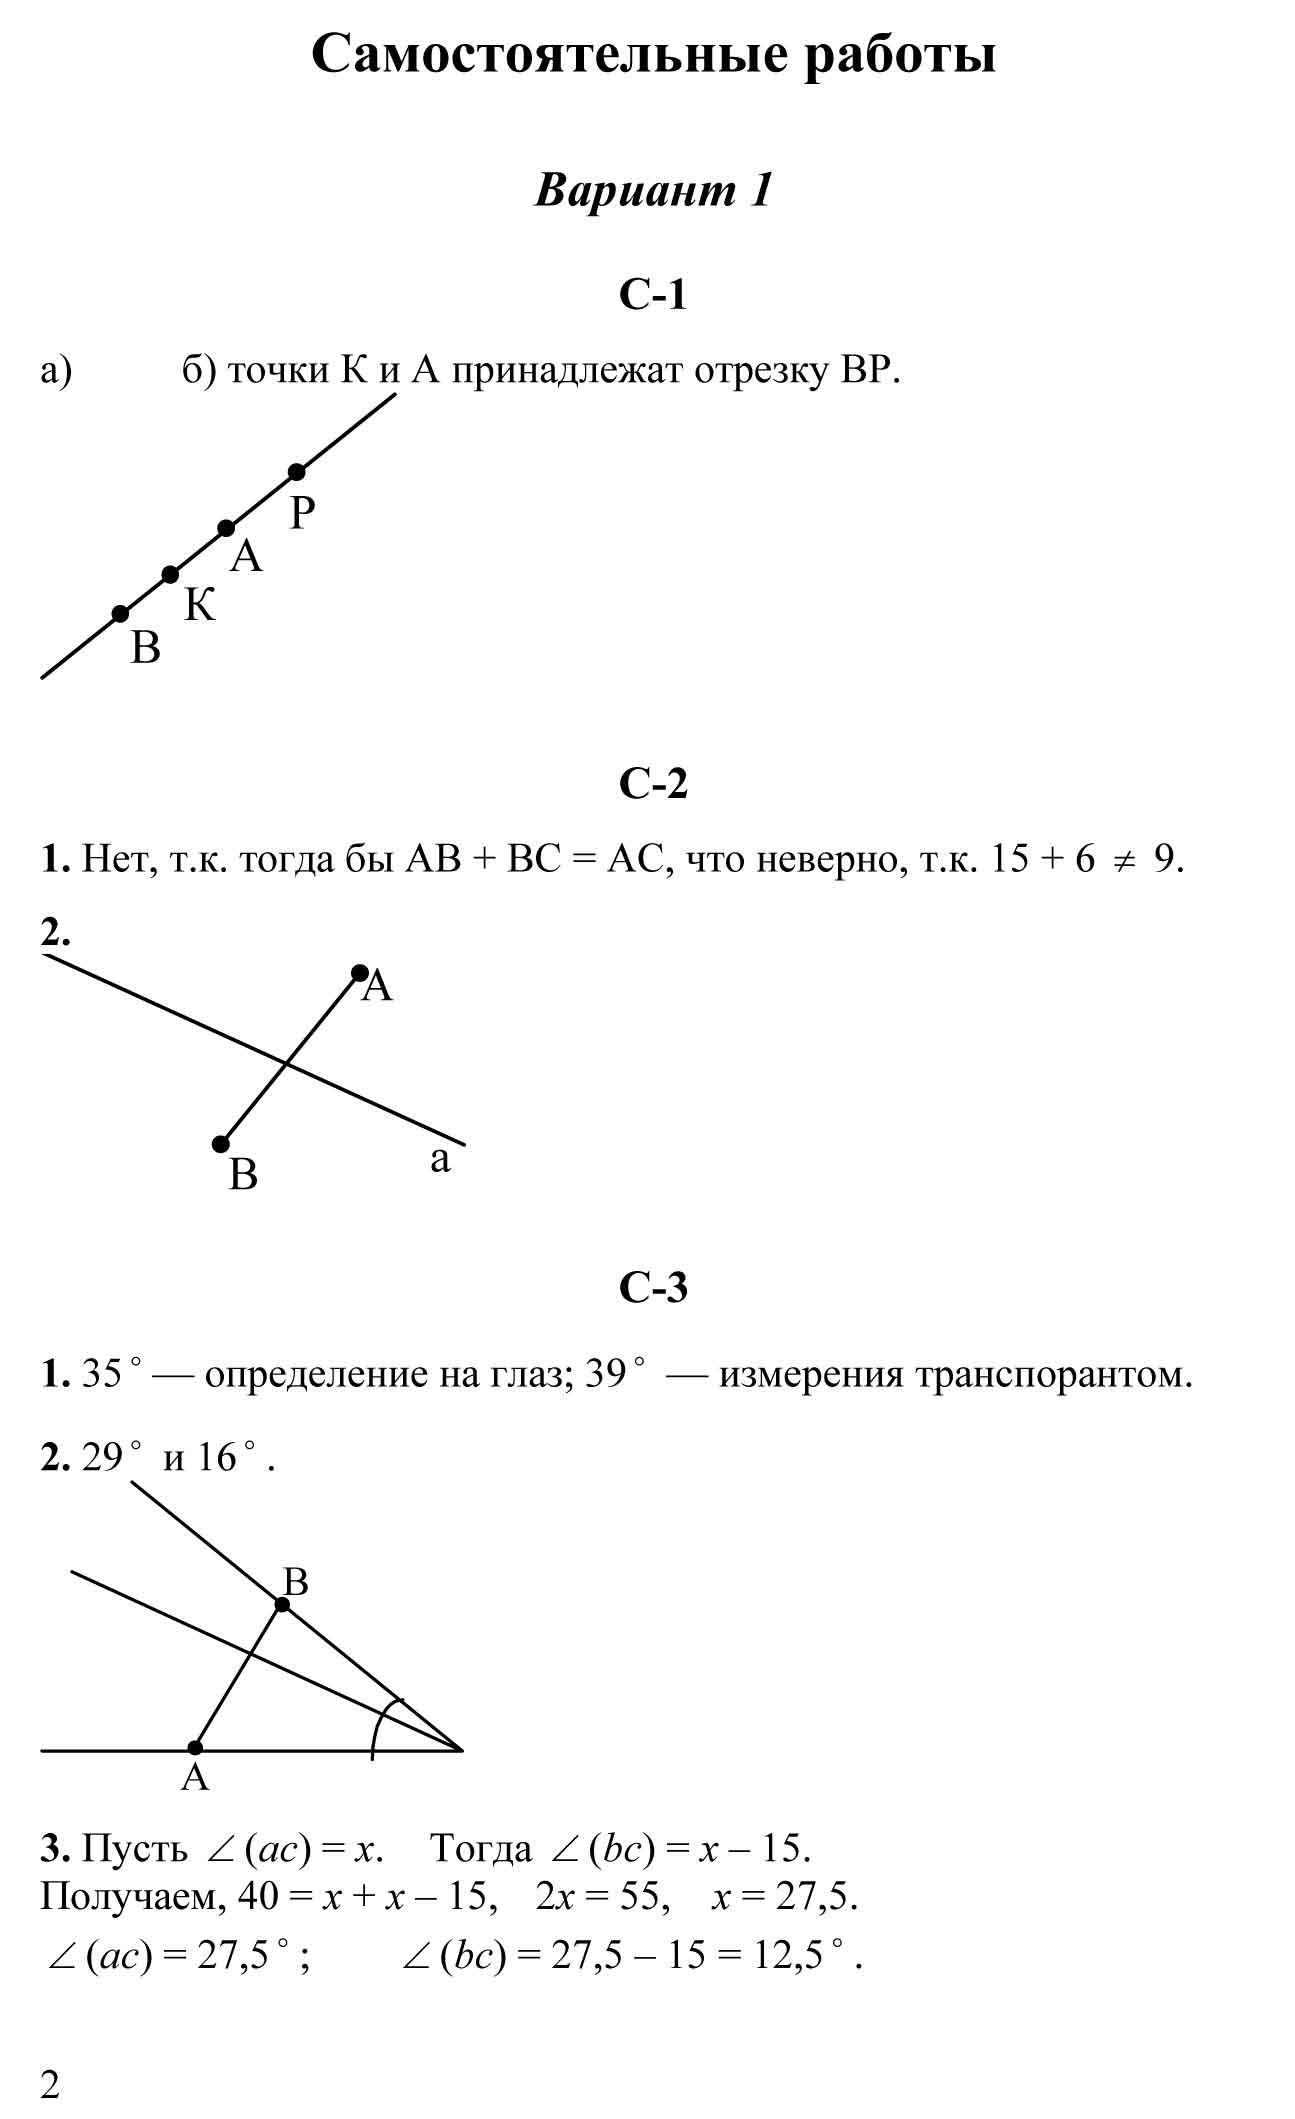 Решебник Гдз По Учебнику Геометрия 8 Класс Дидактические Материалы